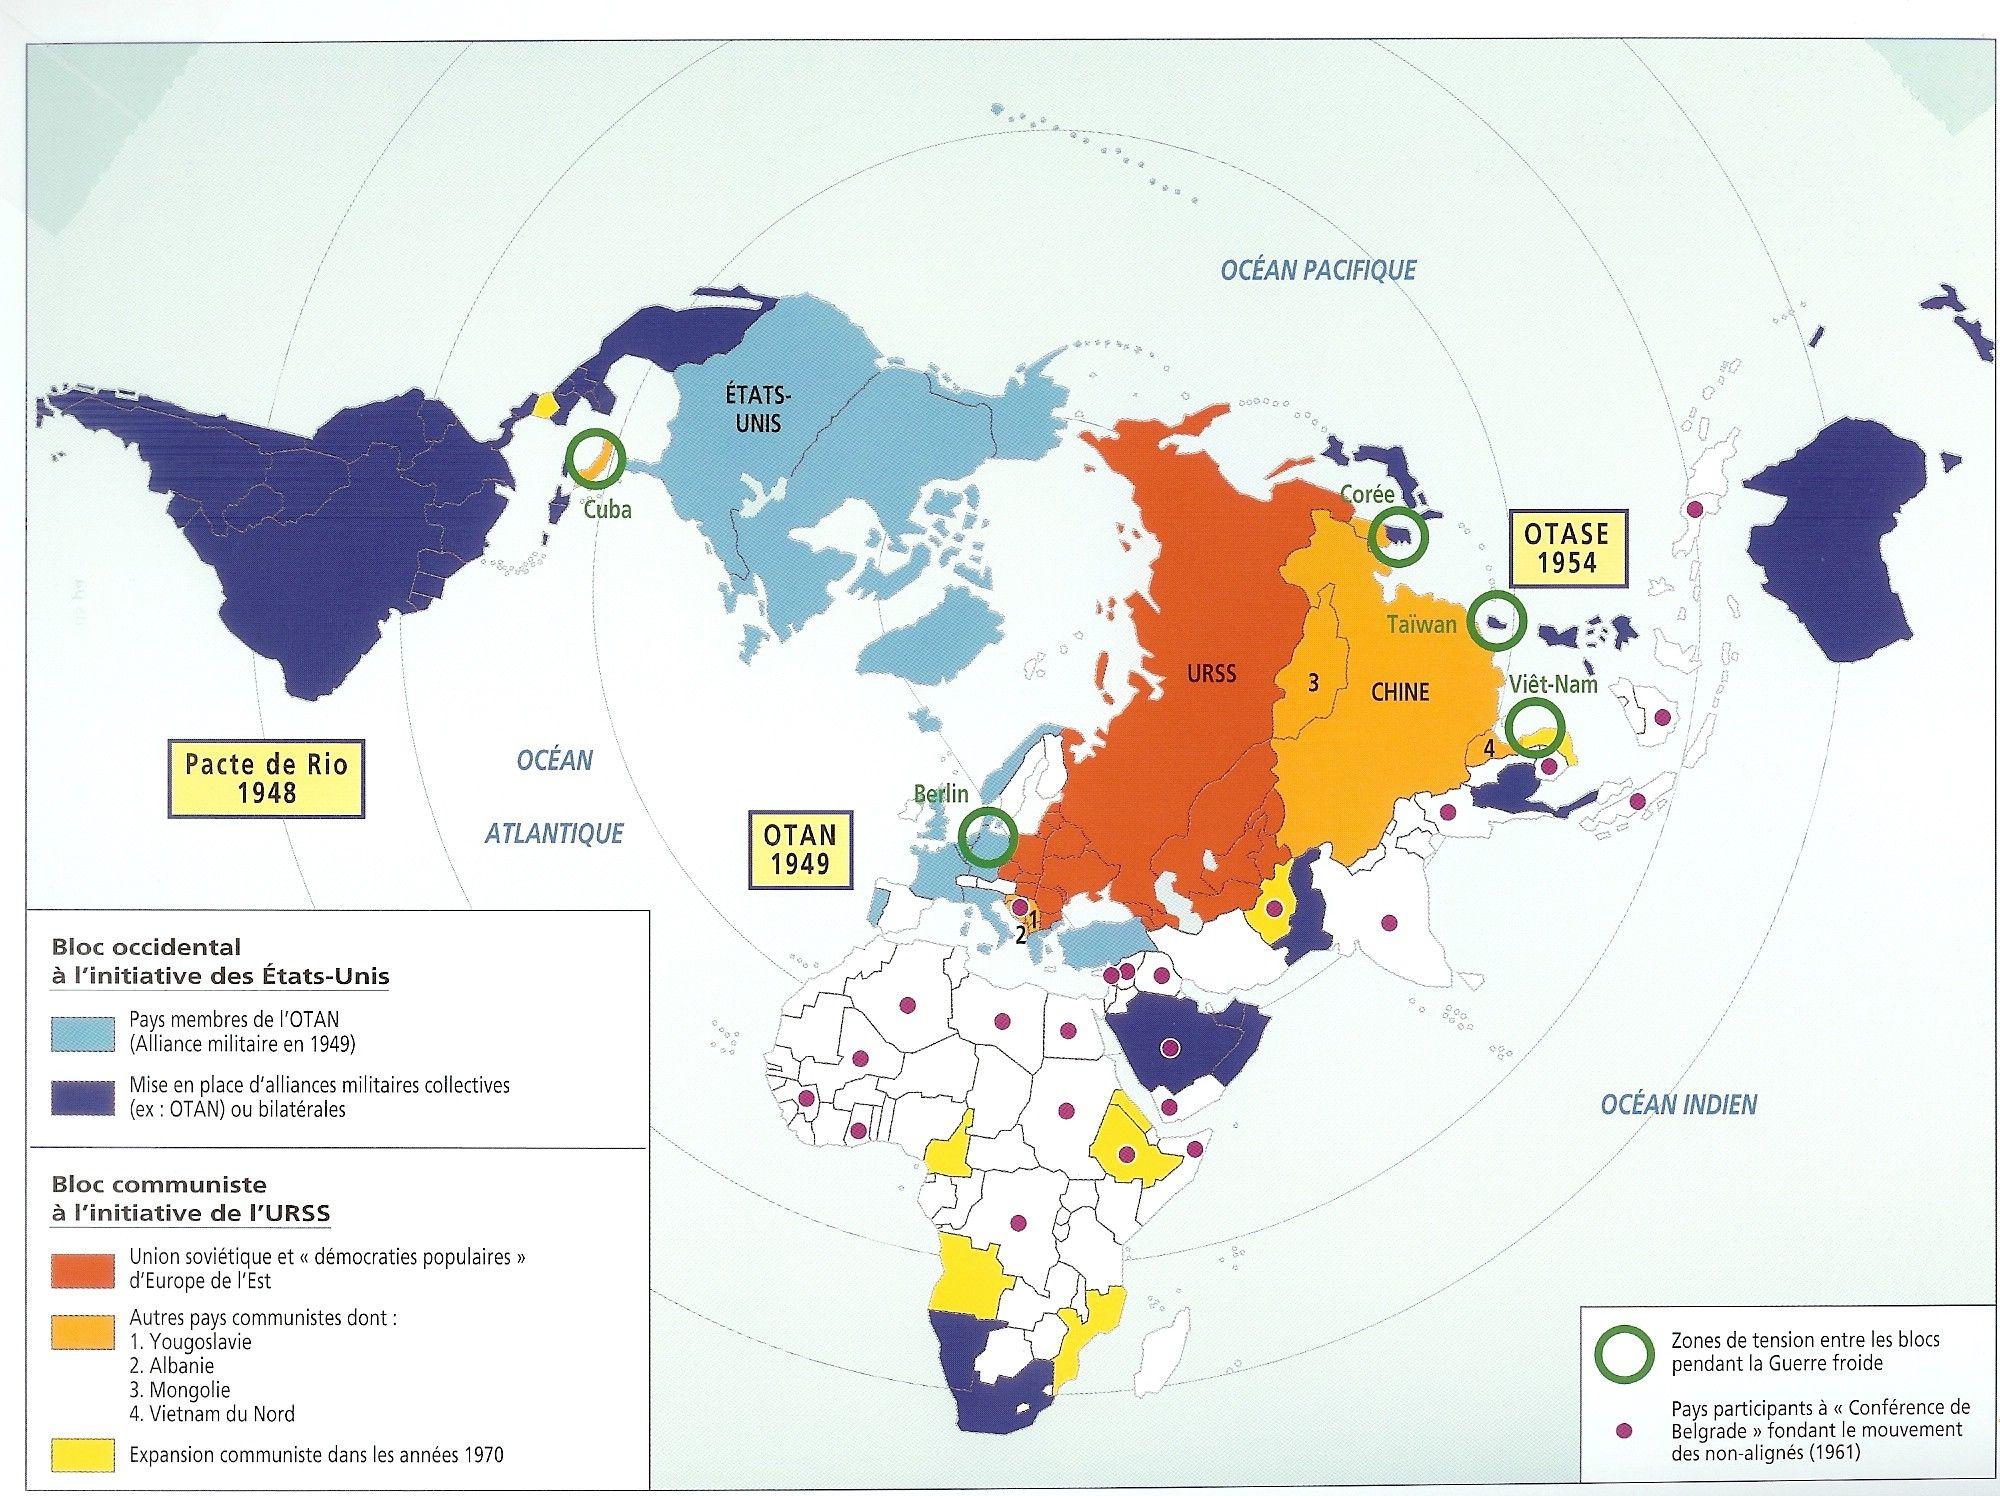 Carte Du Monde Pendant La Guerre Froide.Organisation Du Monde Pendant La Guerre Froide Geographie